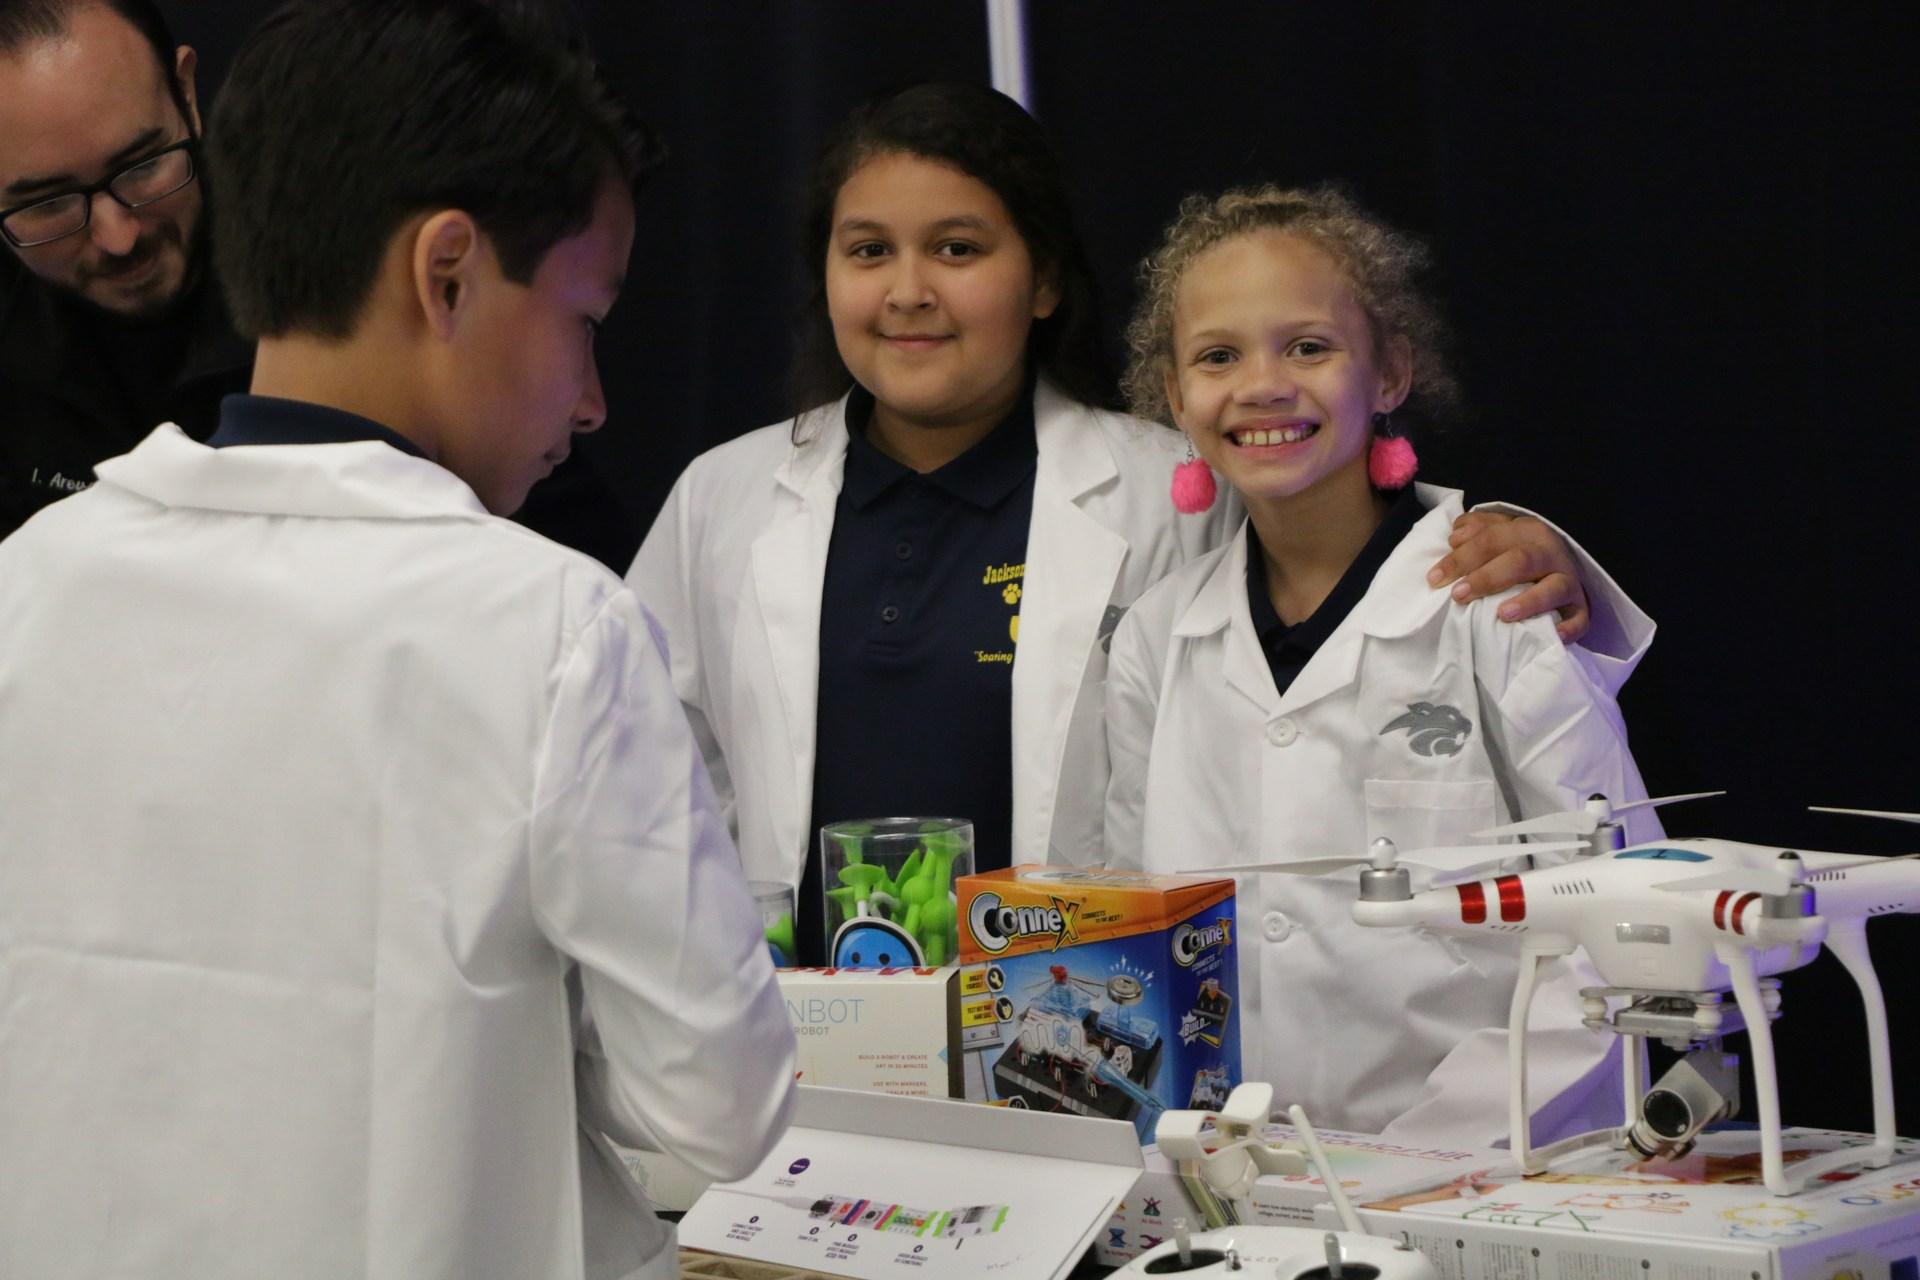 robotics student show off skills